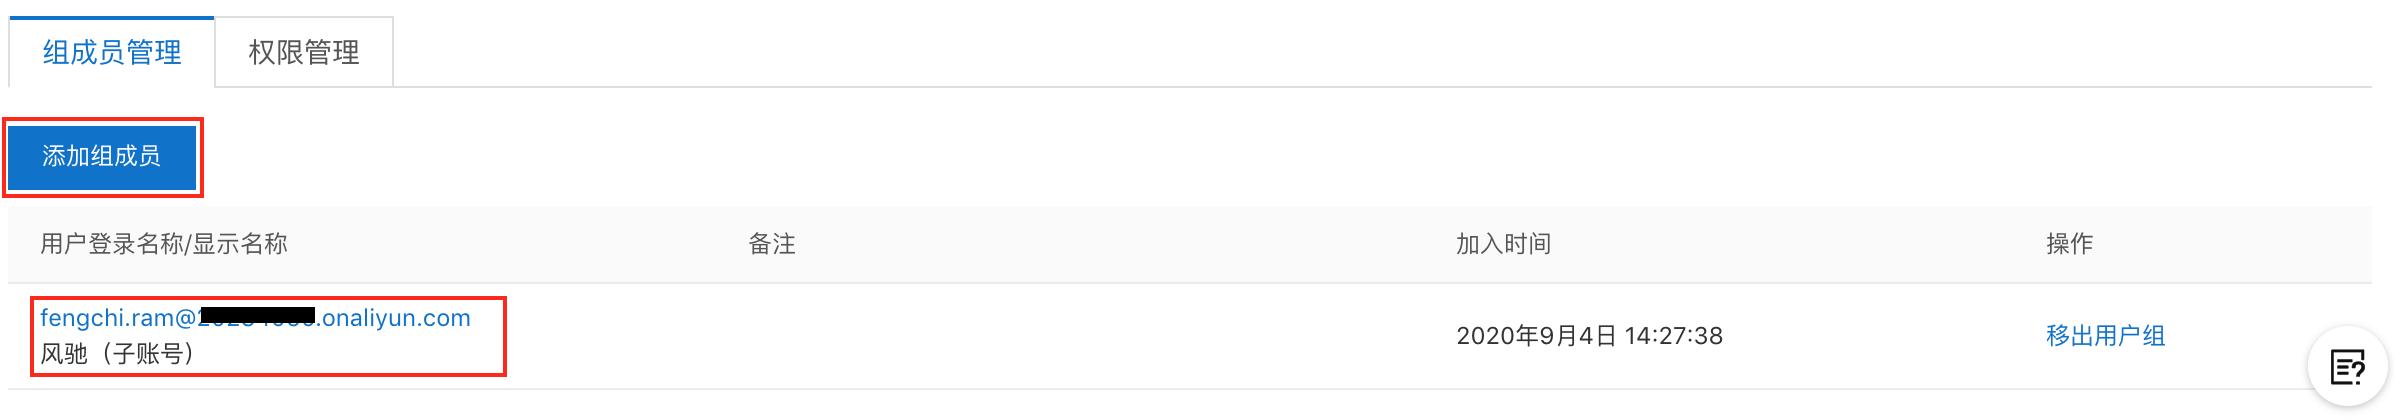 添加账号到用户组